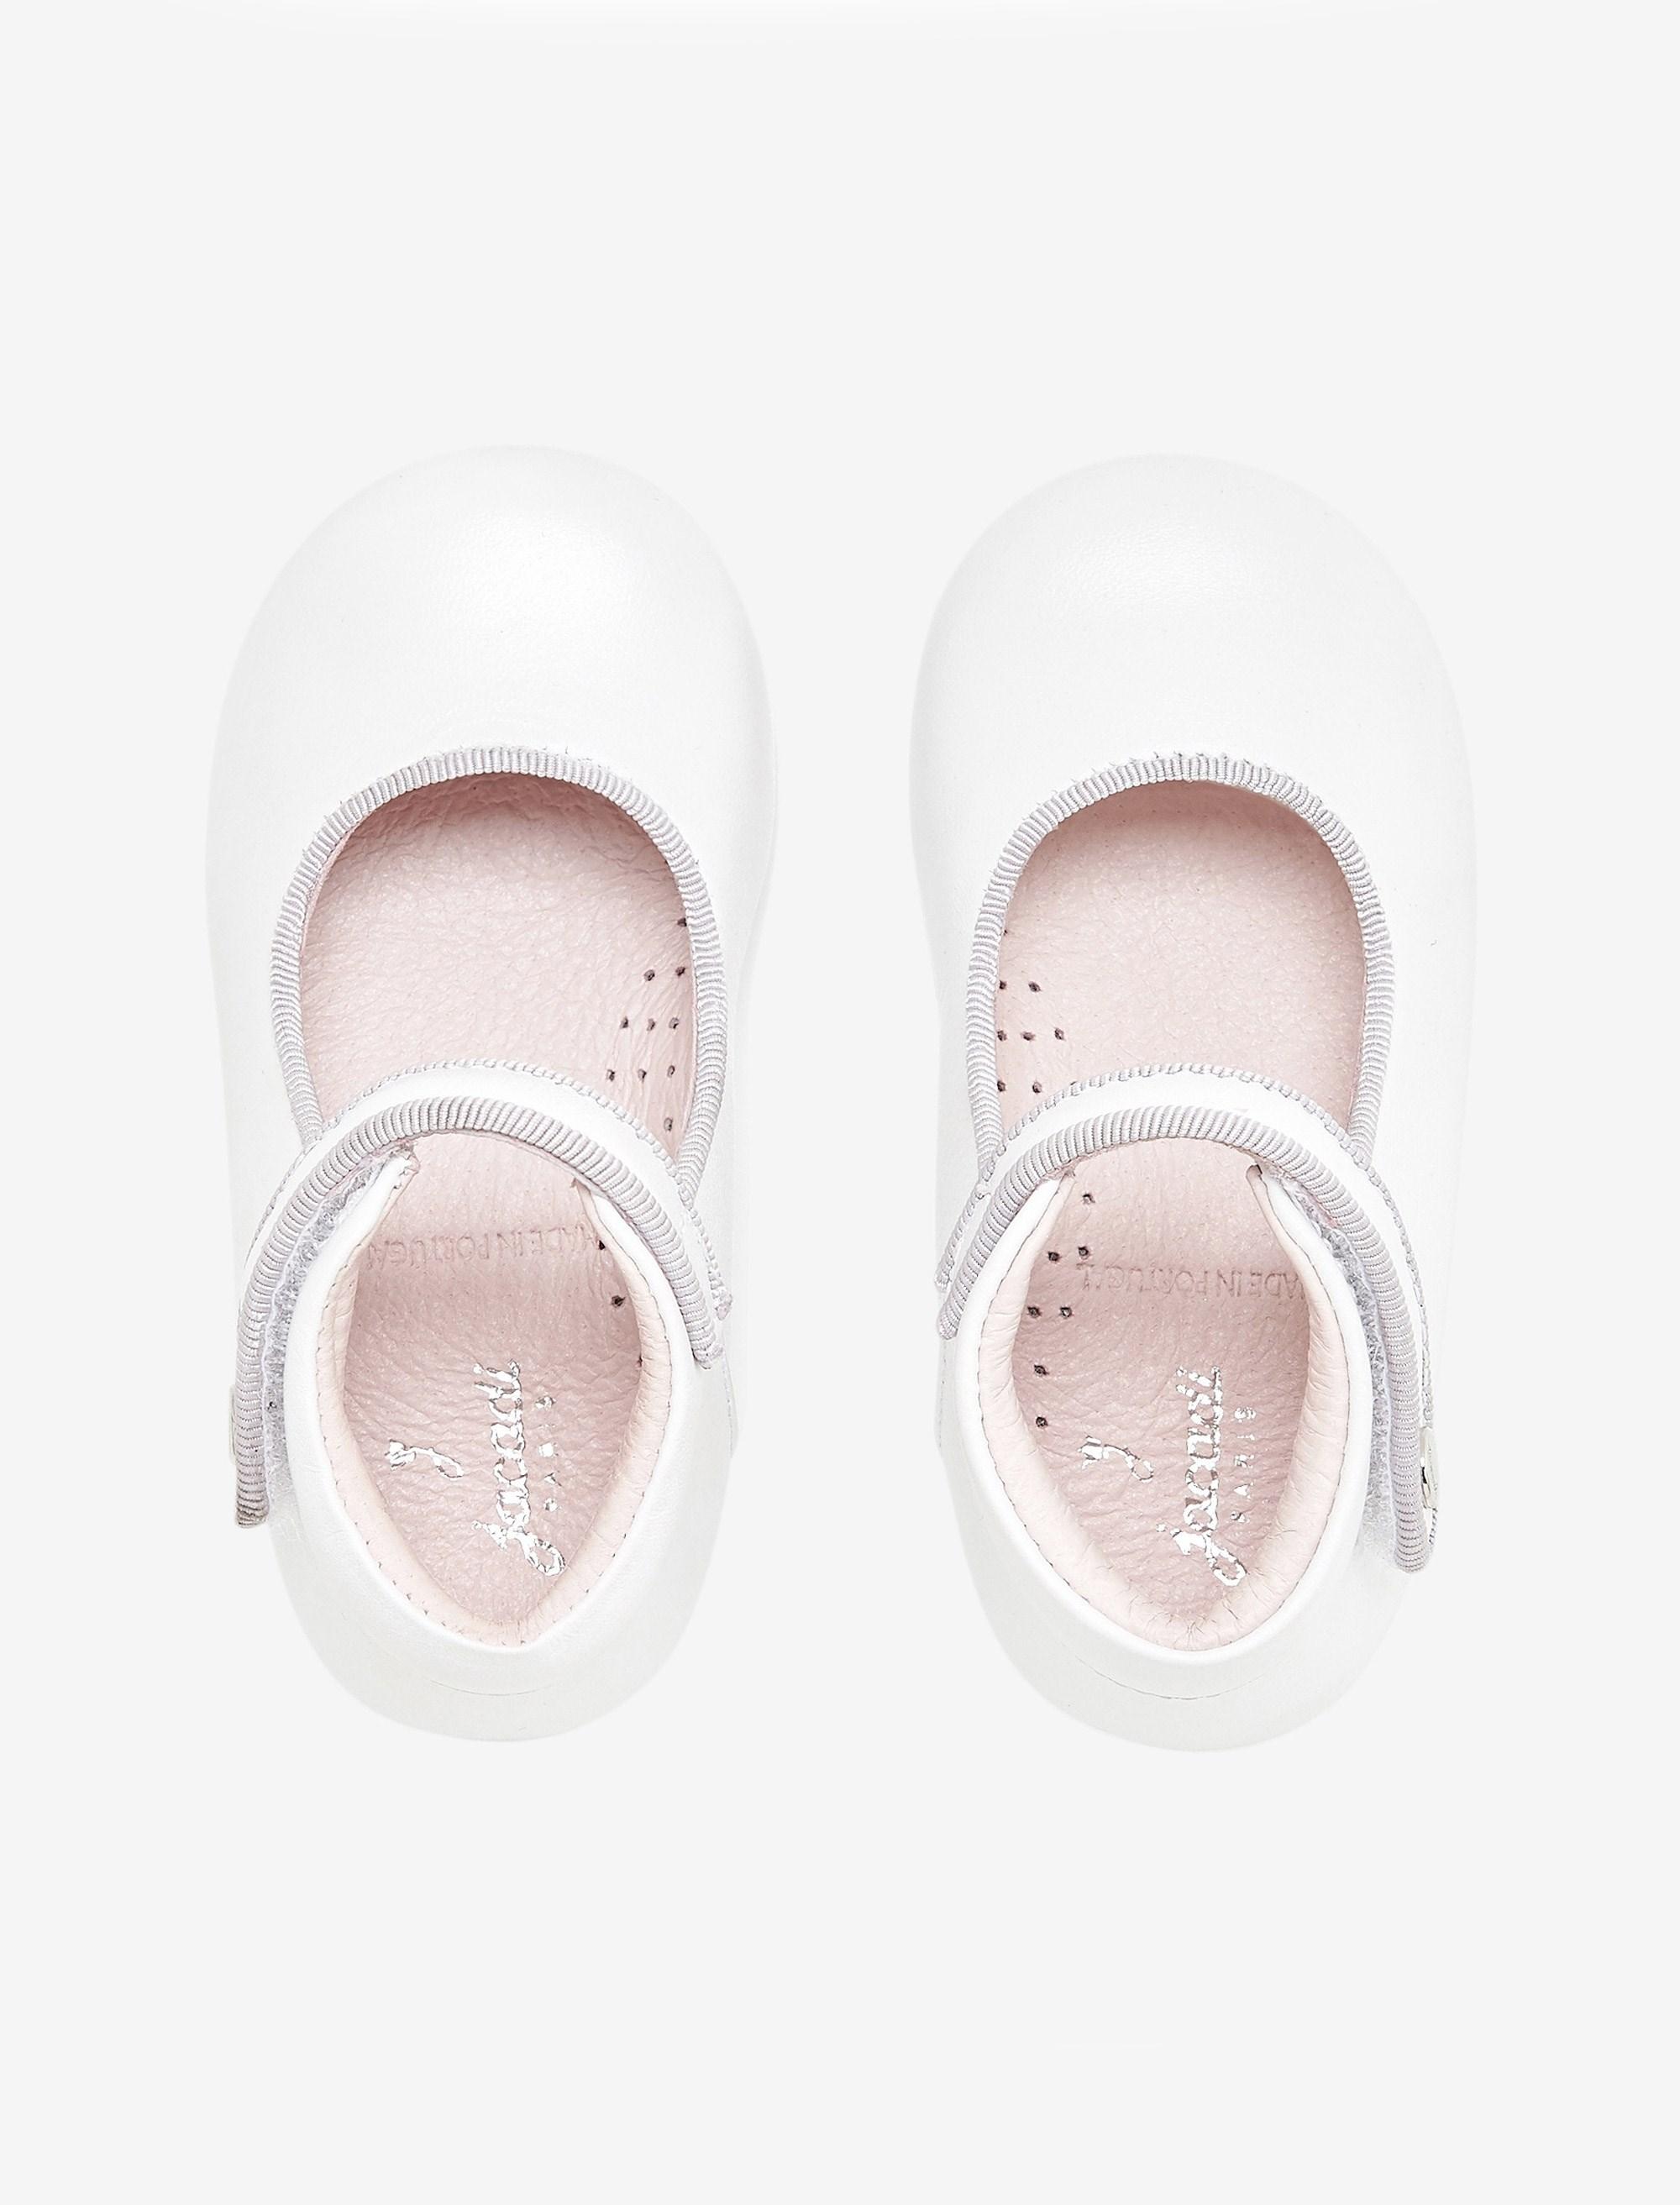 کفش چرم تخت دخترانه Banelle - سفيد - 2